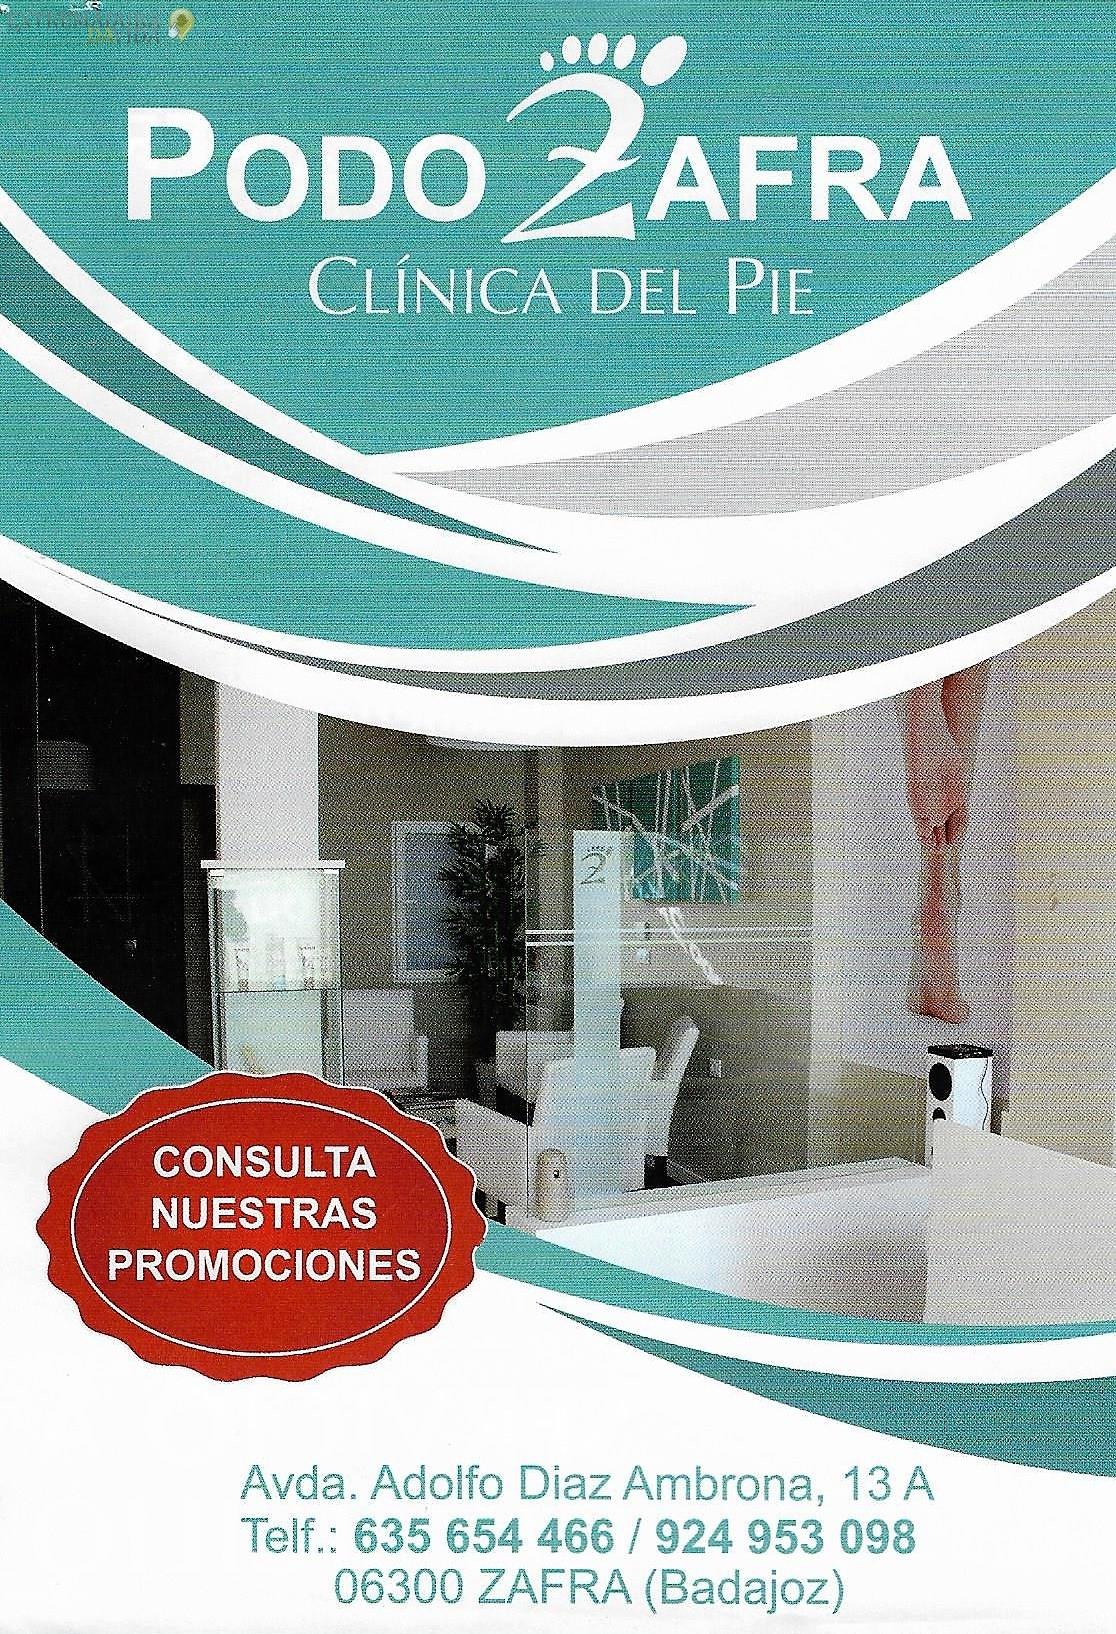 Podologia Zafra Clinica del Pie Podozafra